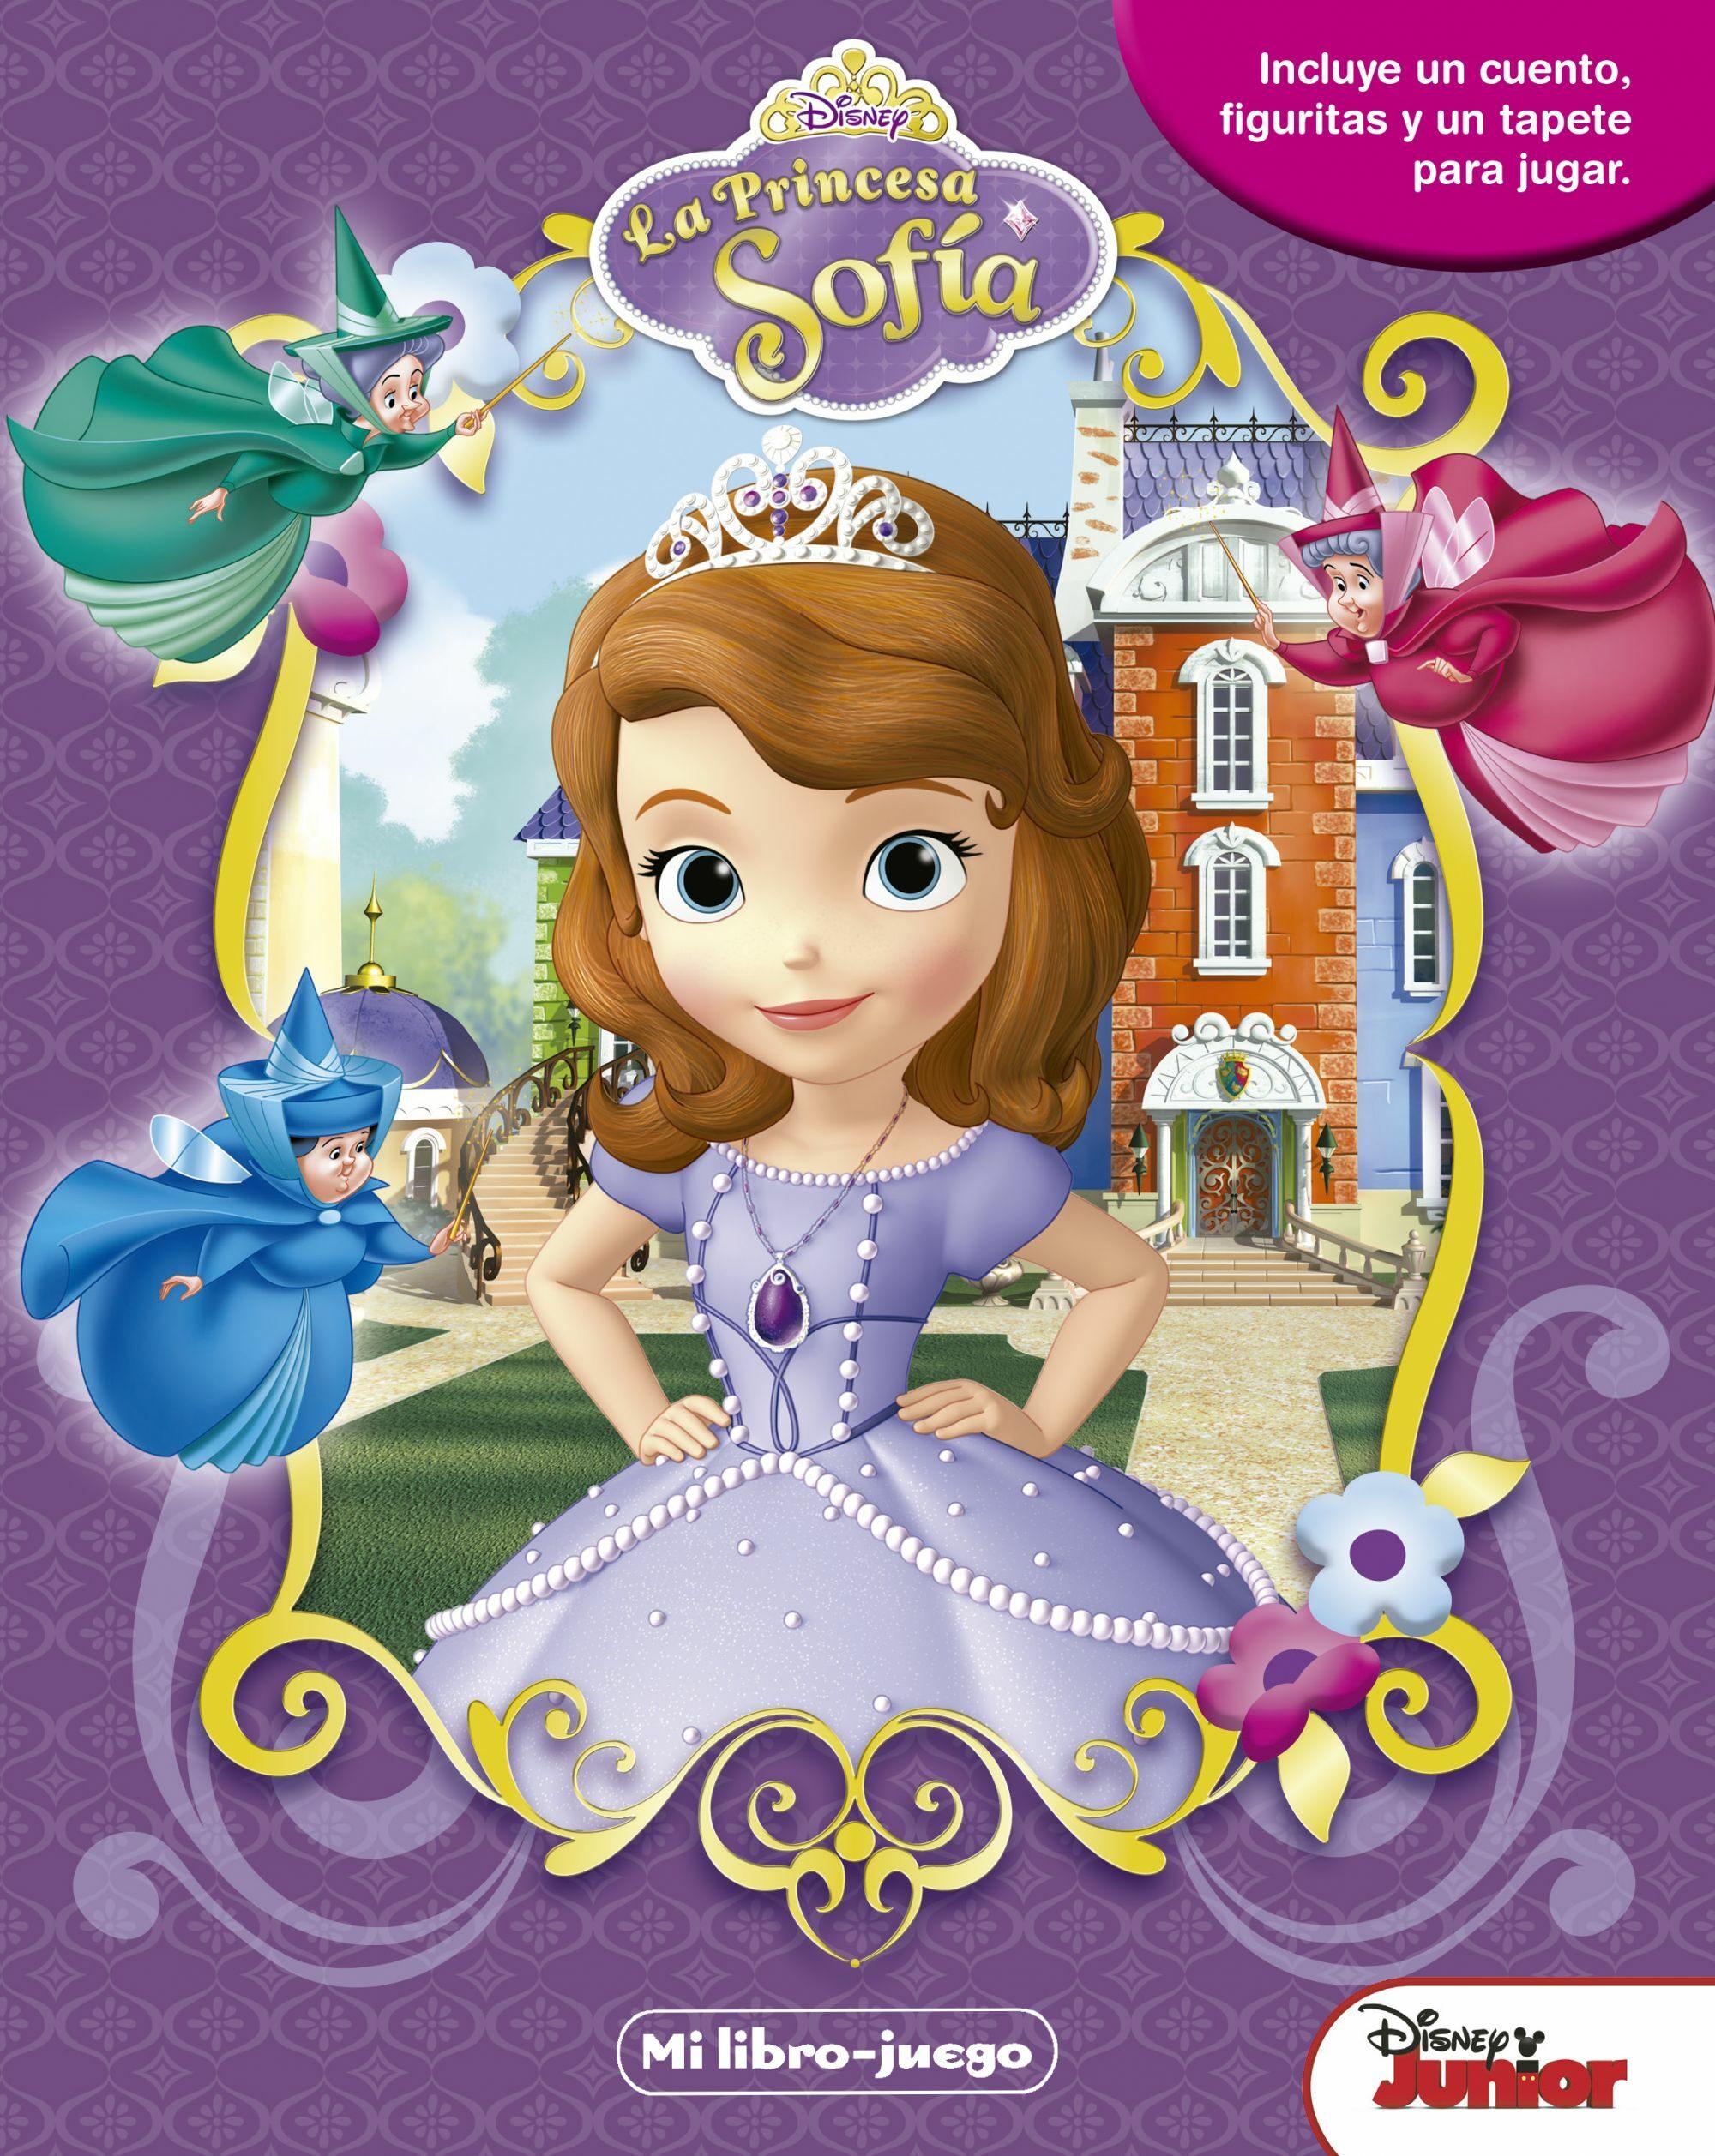 La princesa sofia mi libro juego vv aa comprar libro - Foto princesa sofia ...